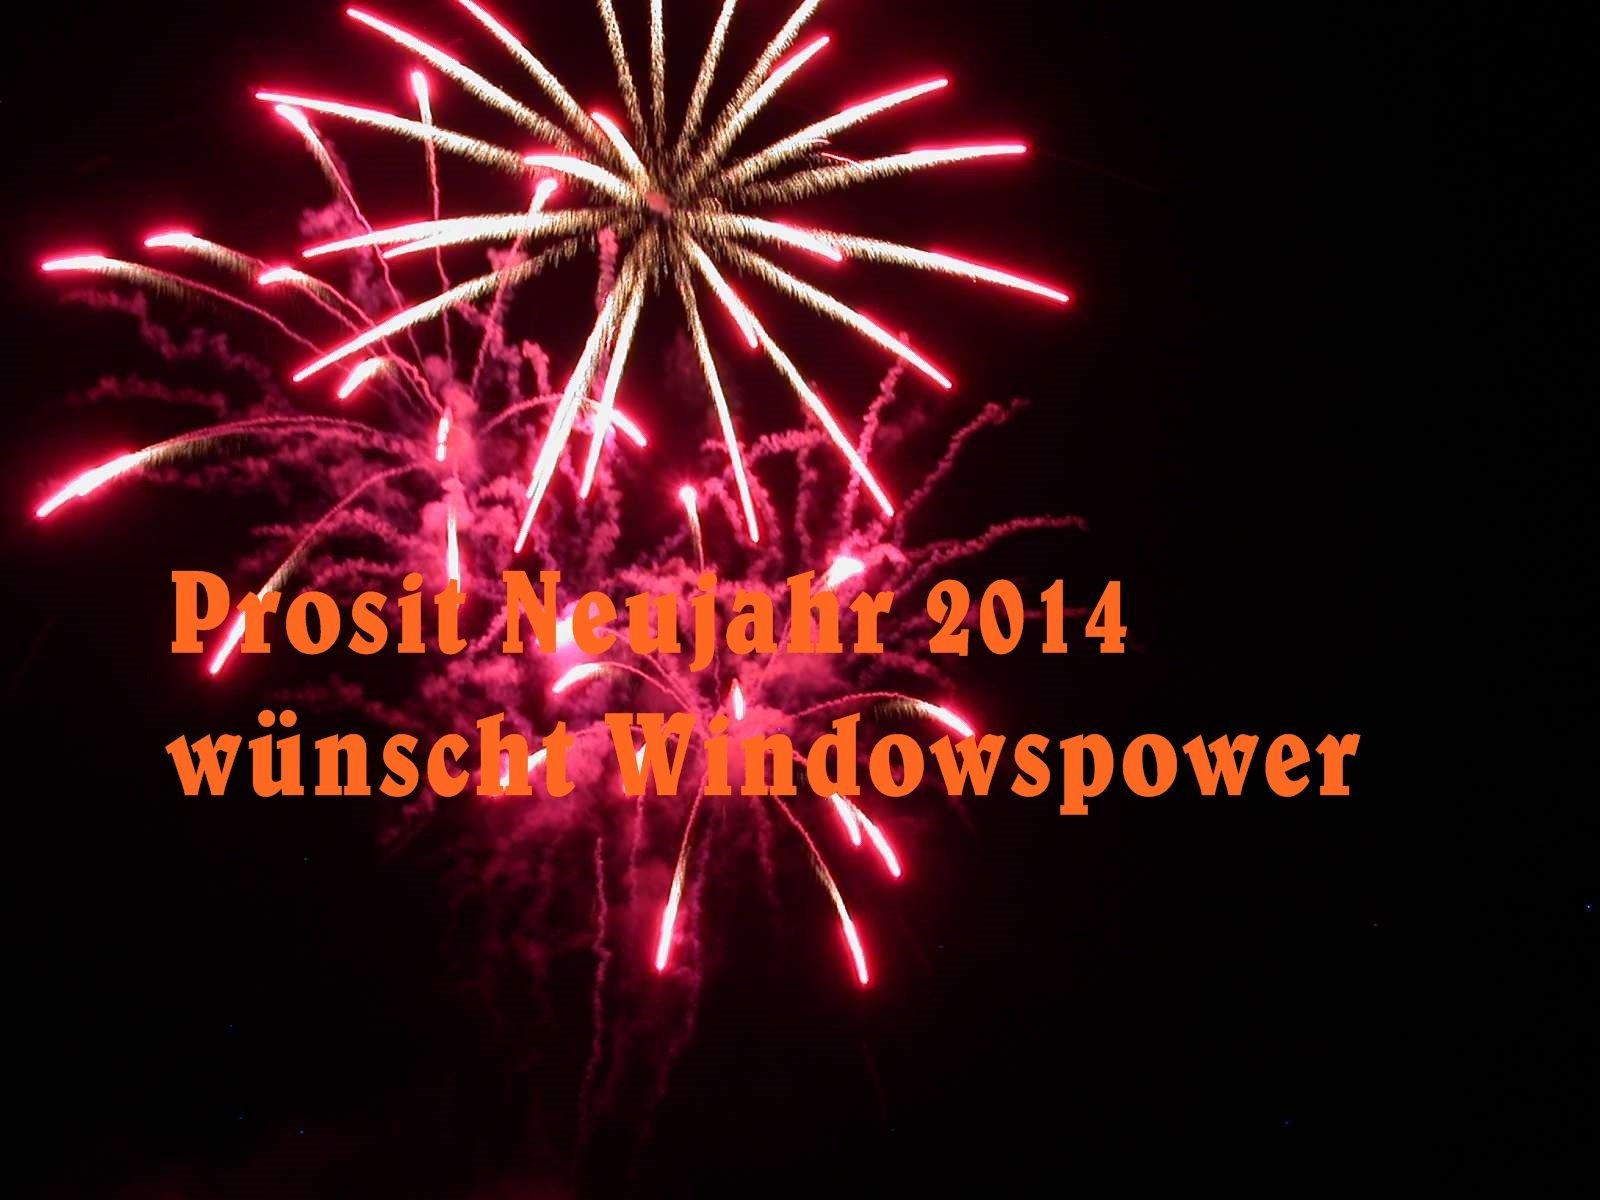 feuerwerk 1 - Prosit Neujahr 2014 wünscht windowspower.de